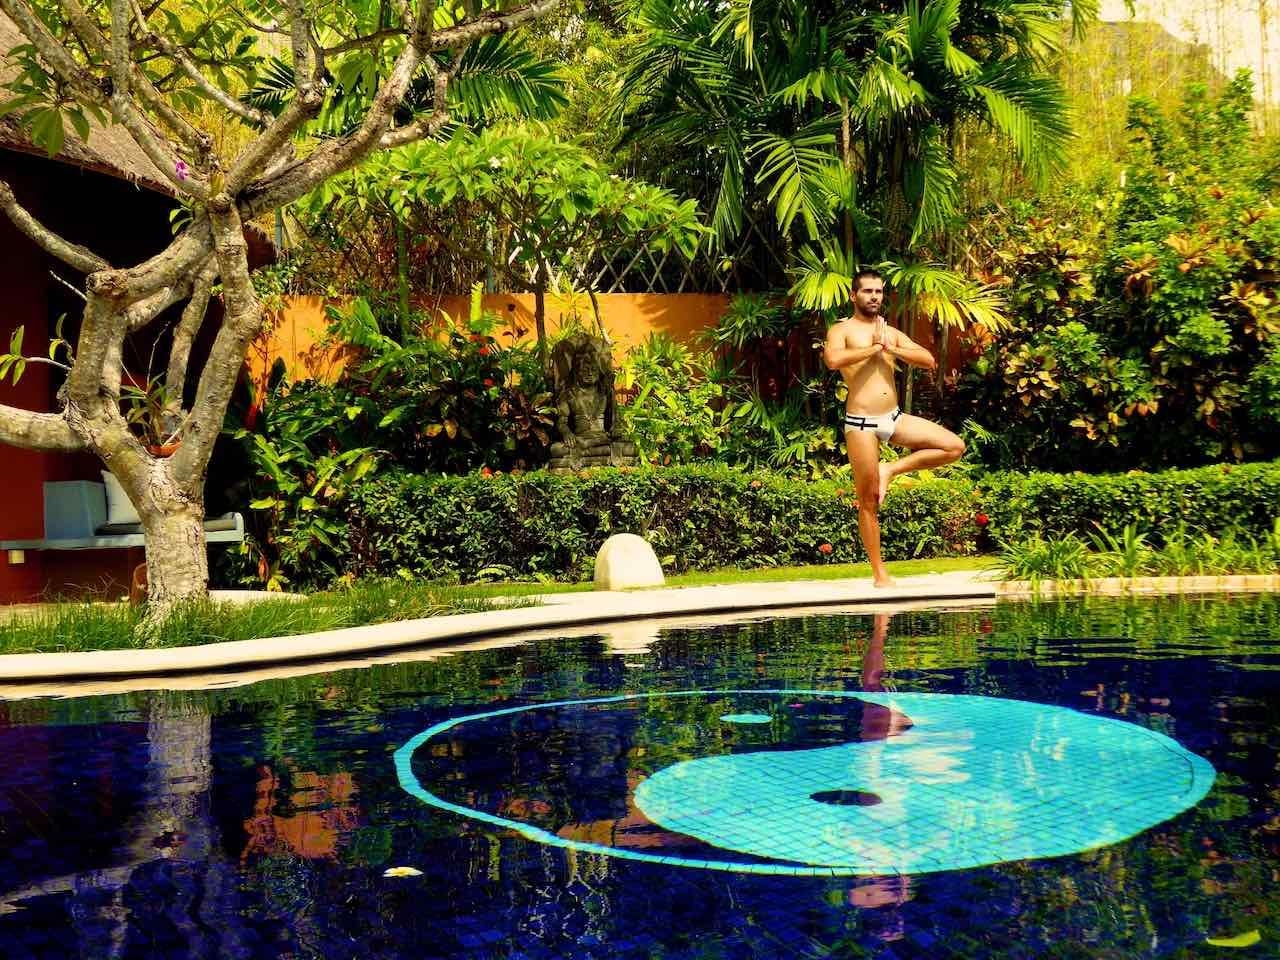 The Villas Bali Hotel and Spa Seminyak Bali